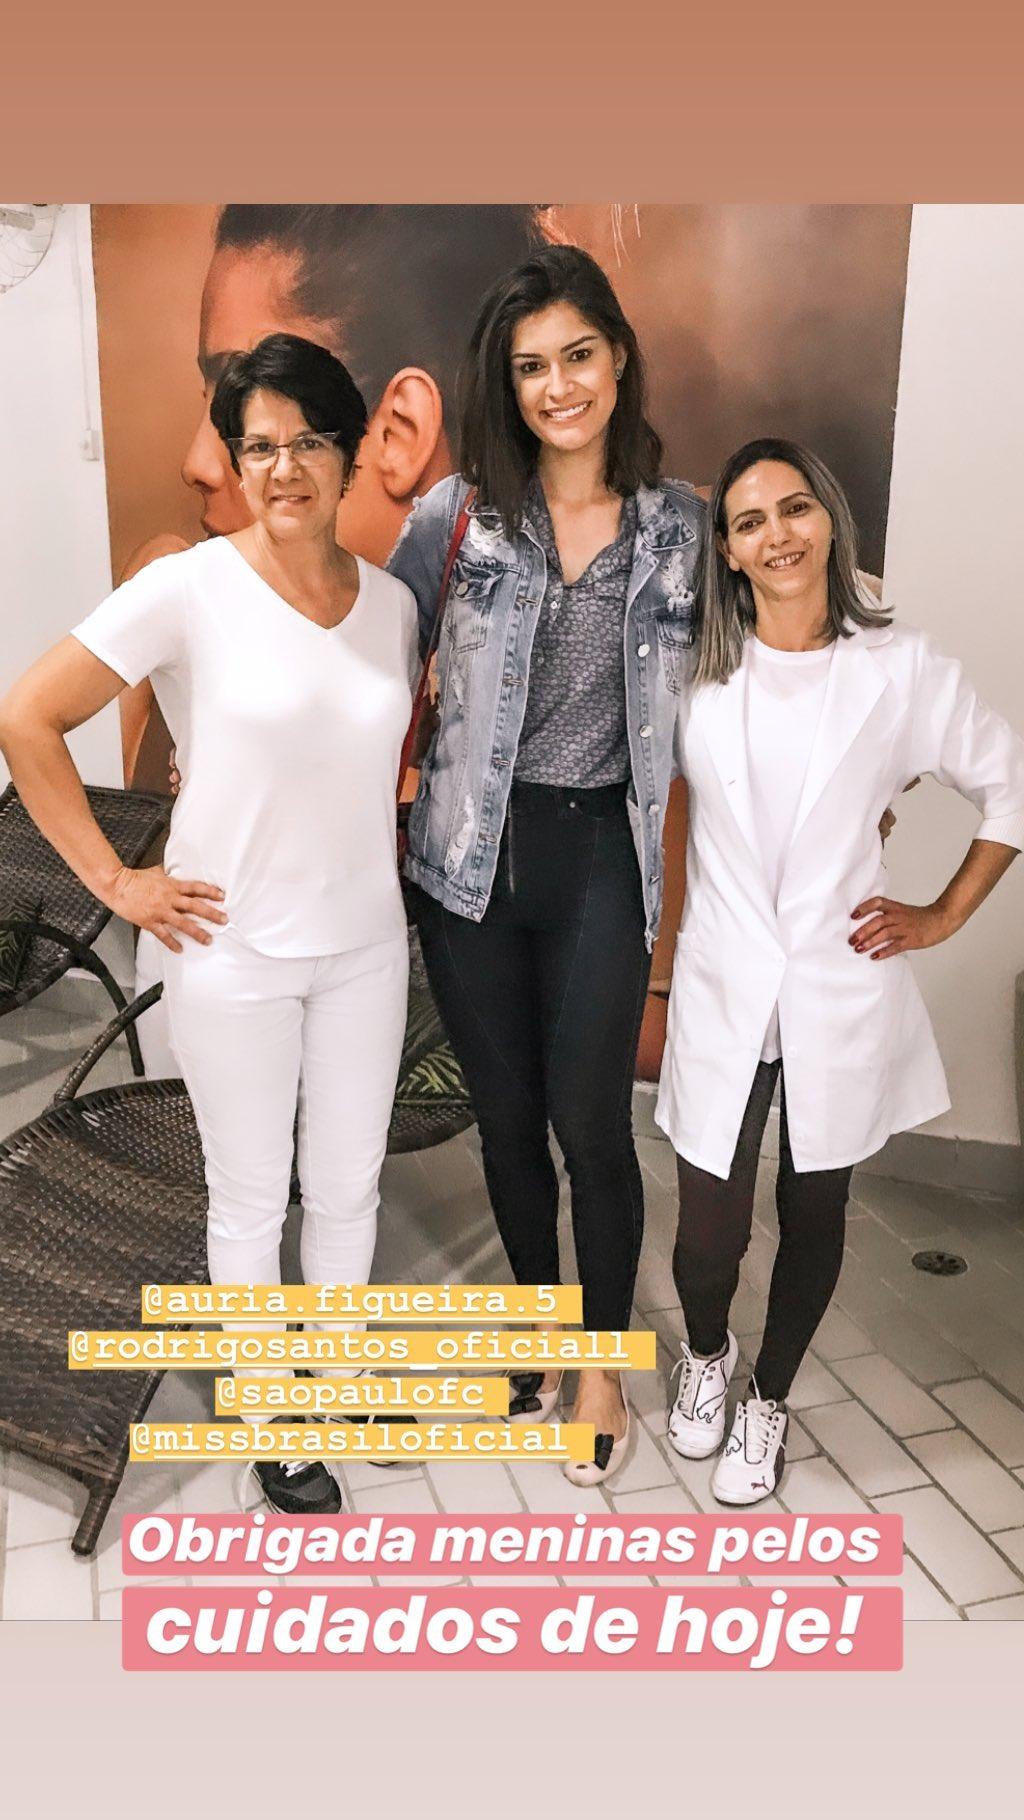 elis miele, top 5 de miss world 2019. - Página 22 Alex-536